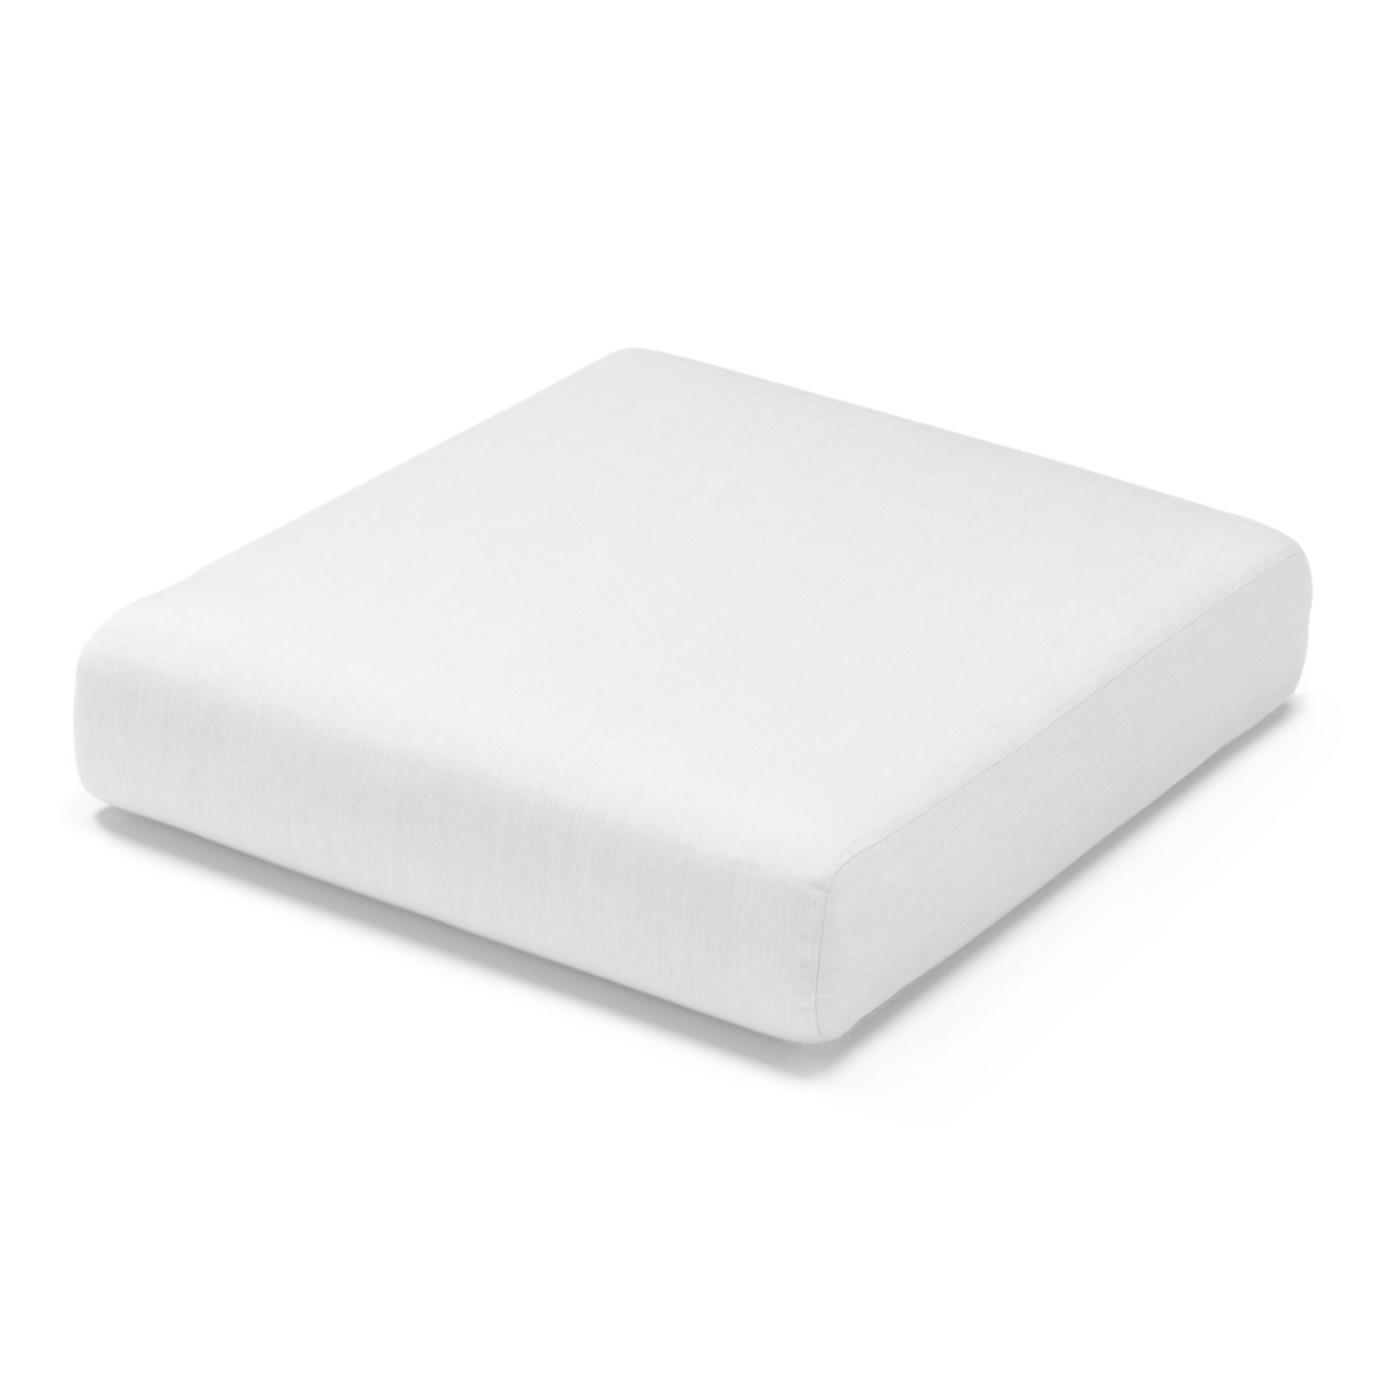 Portofino Sling Club Ottoman Cushion - Space Gray